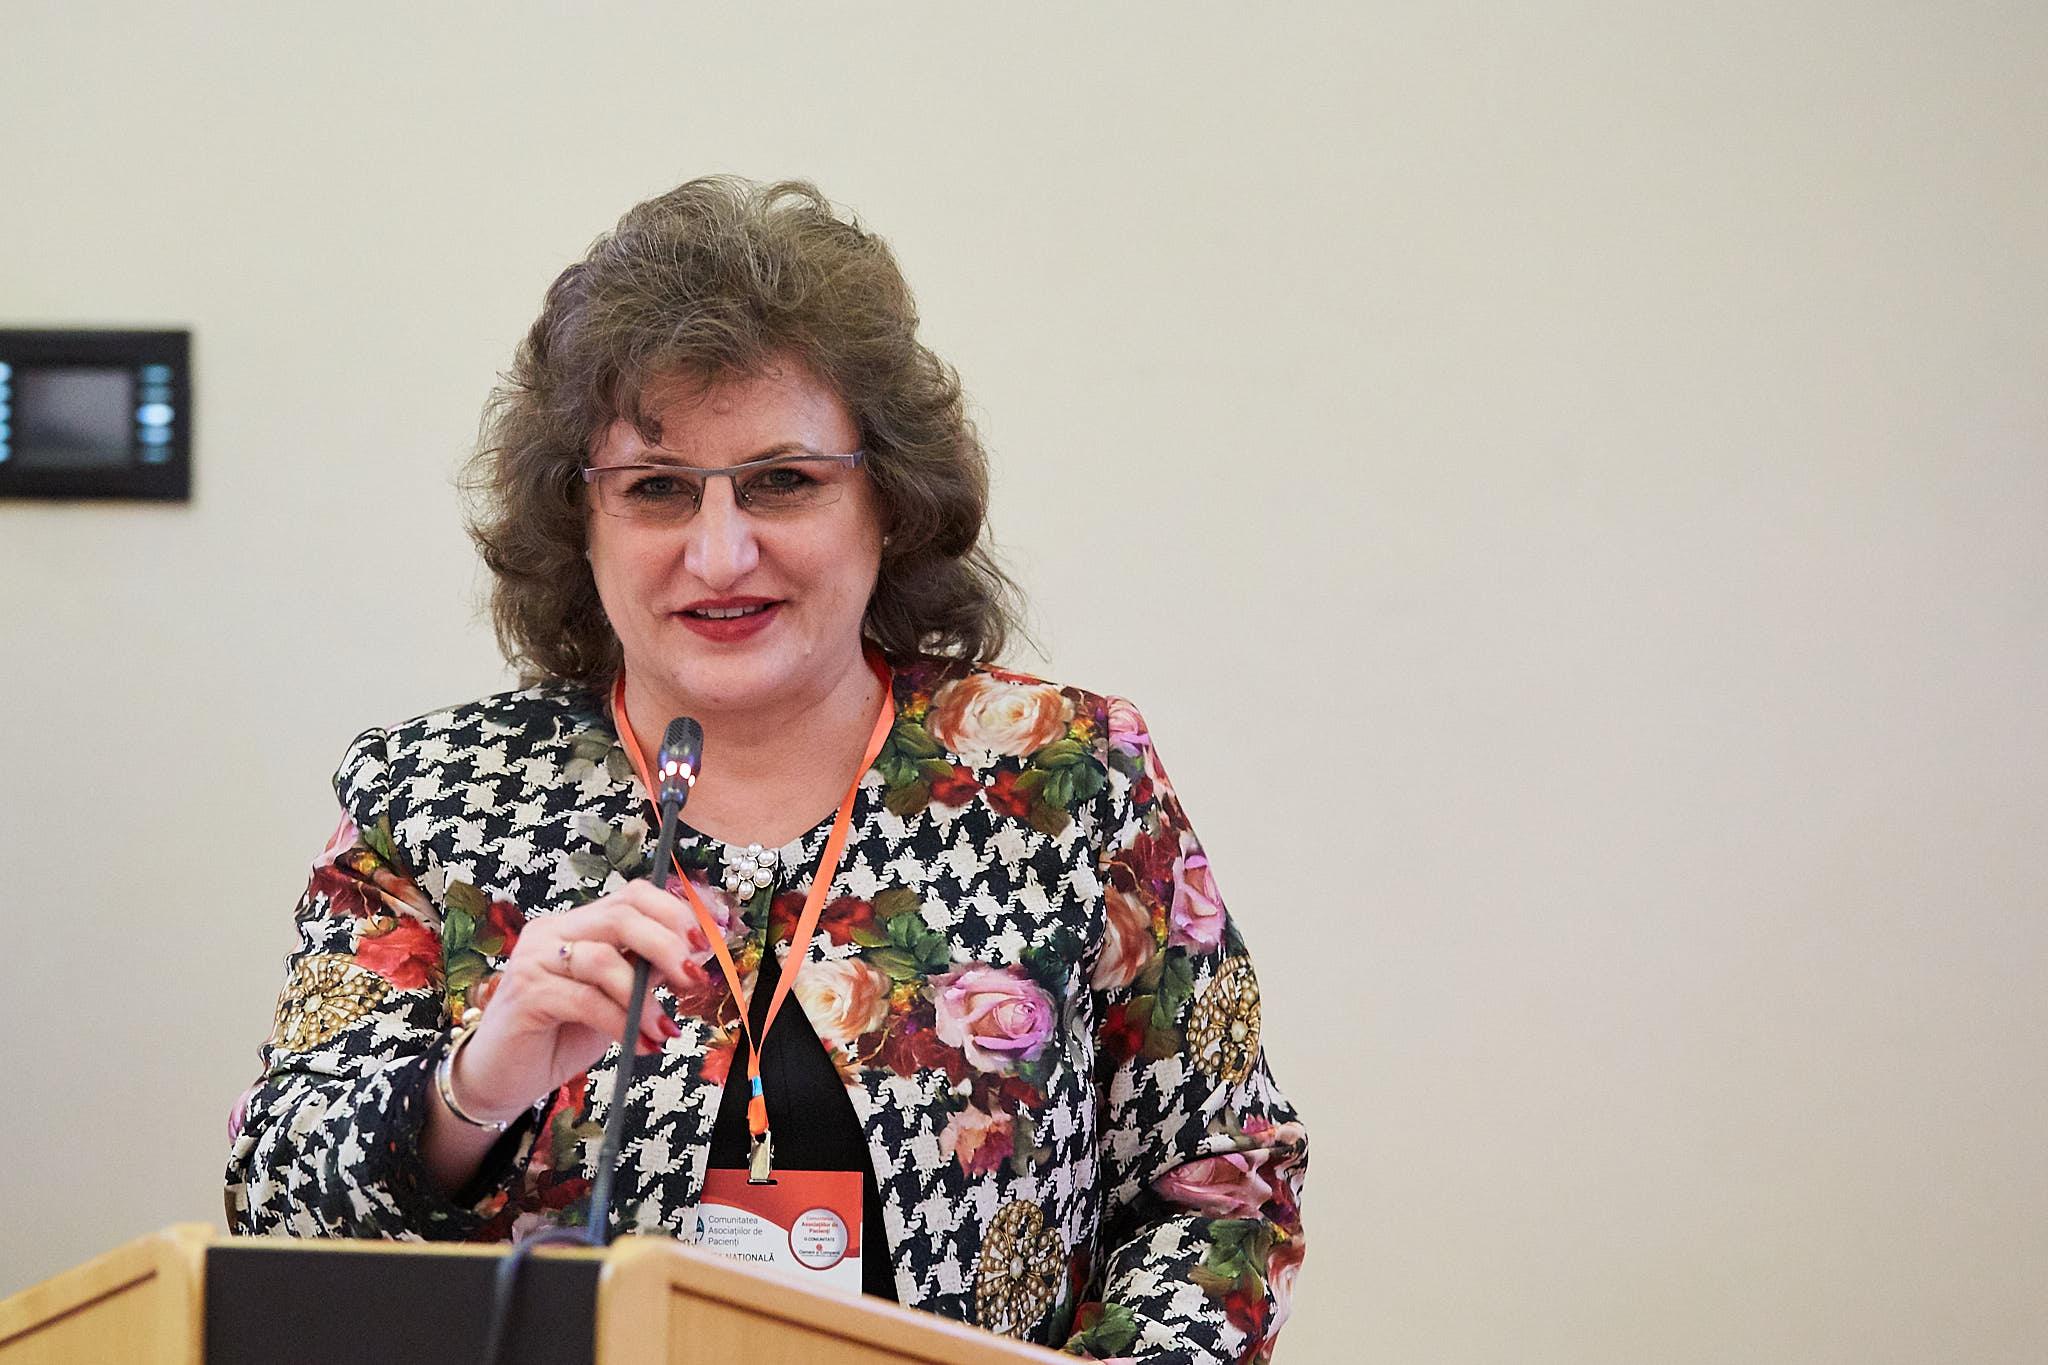 Consilierul prezidenţial Diana Păun: Campania de vaccinare anti-COVID este un succes